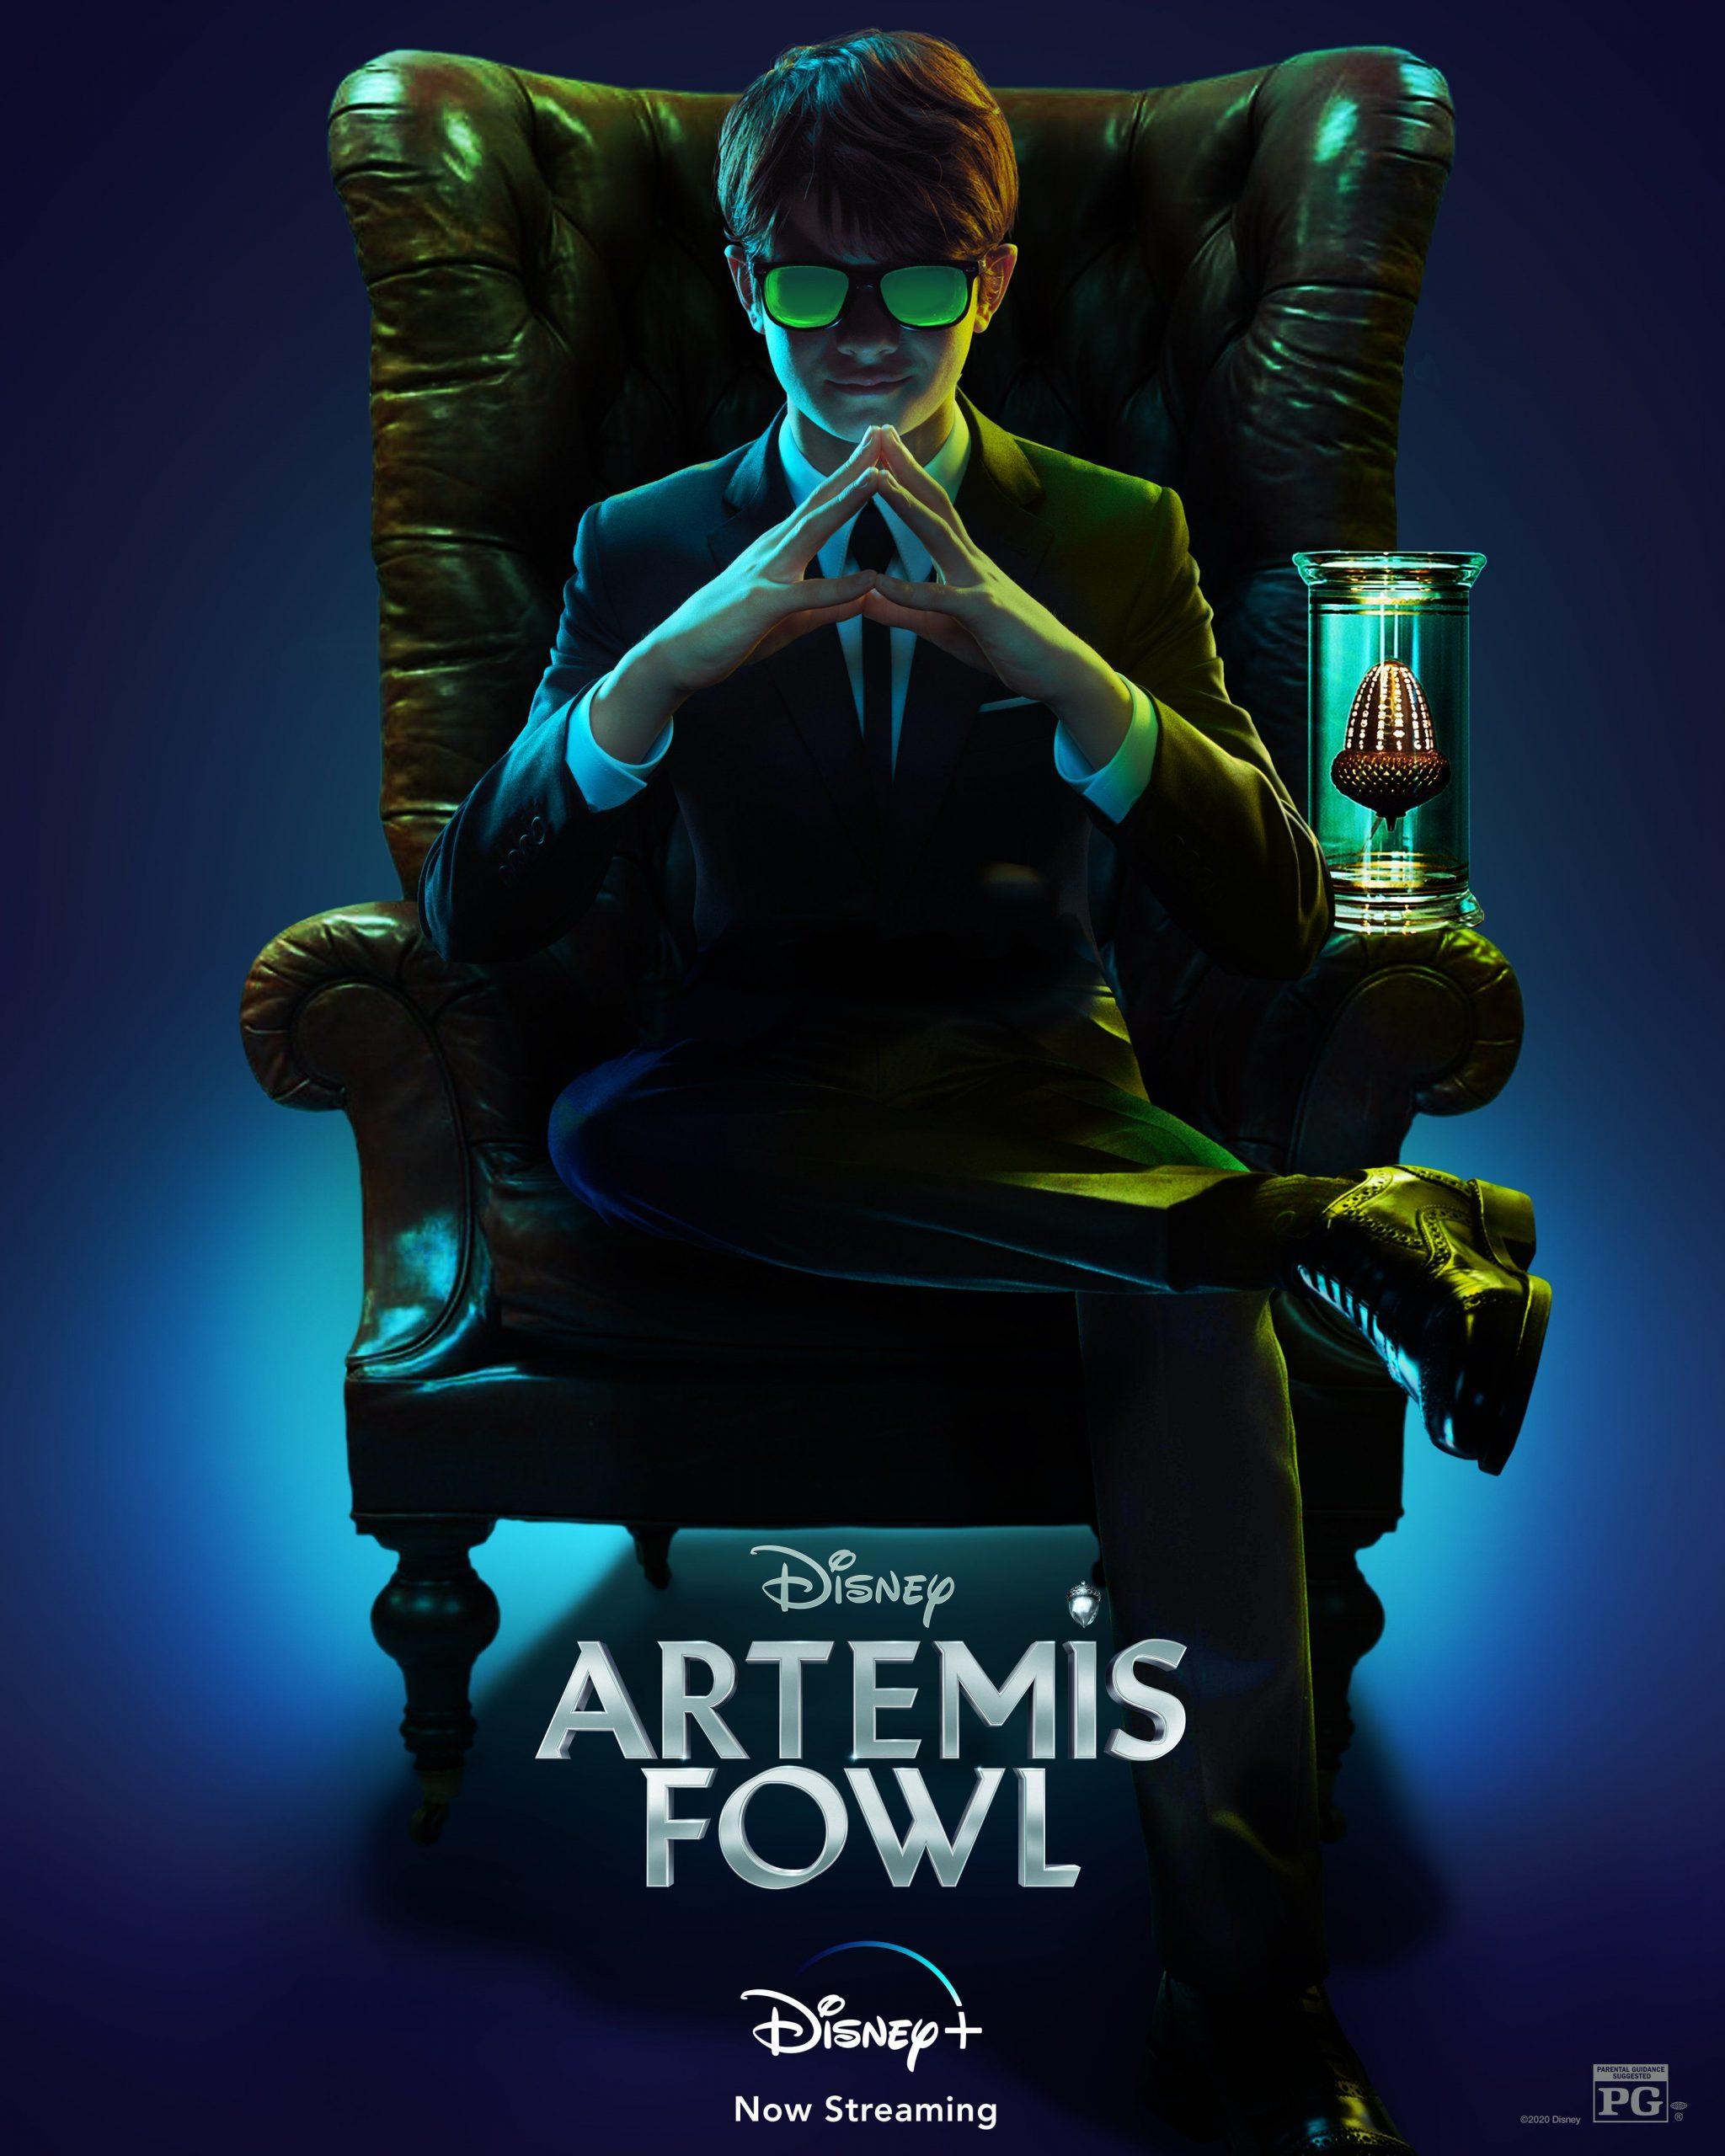 ดูหนังออนไลน์ฟรี Artemis Fowl (2020) ผจญภัยสายลับใต้พิภพ